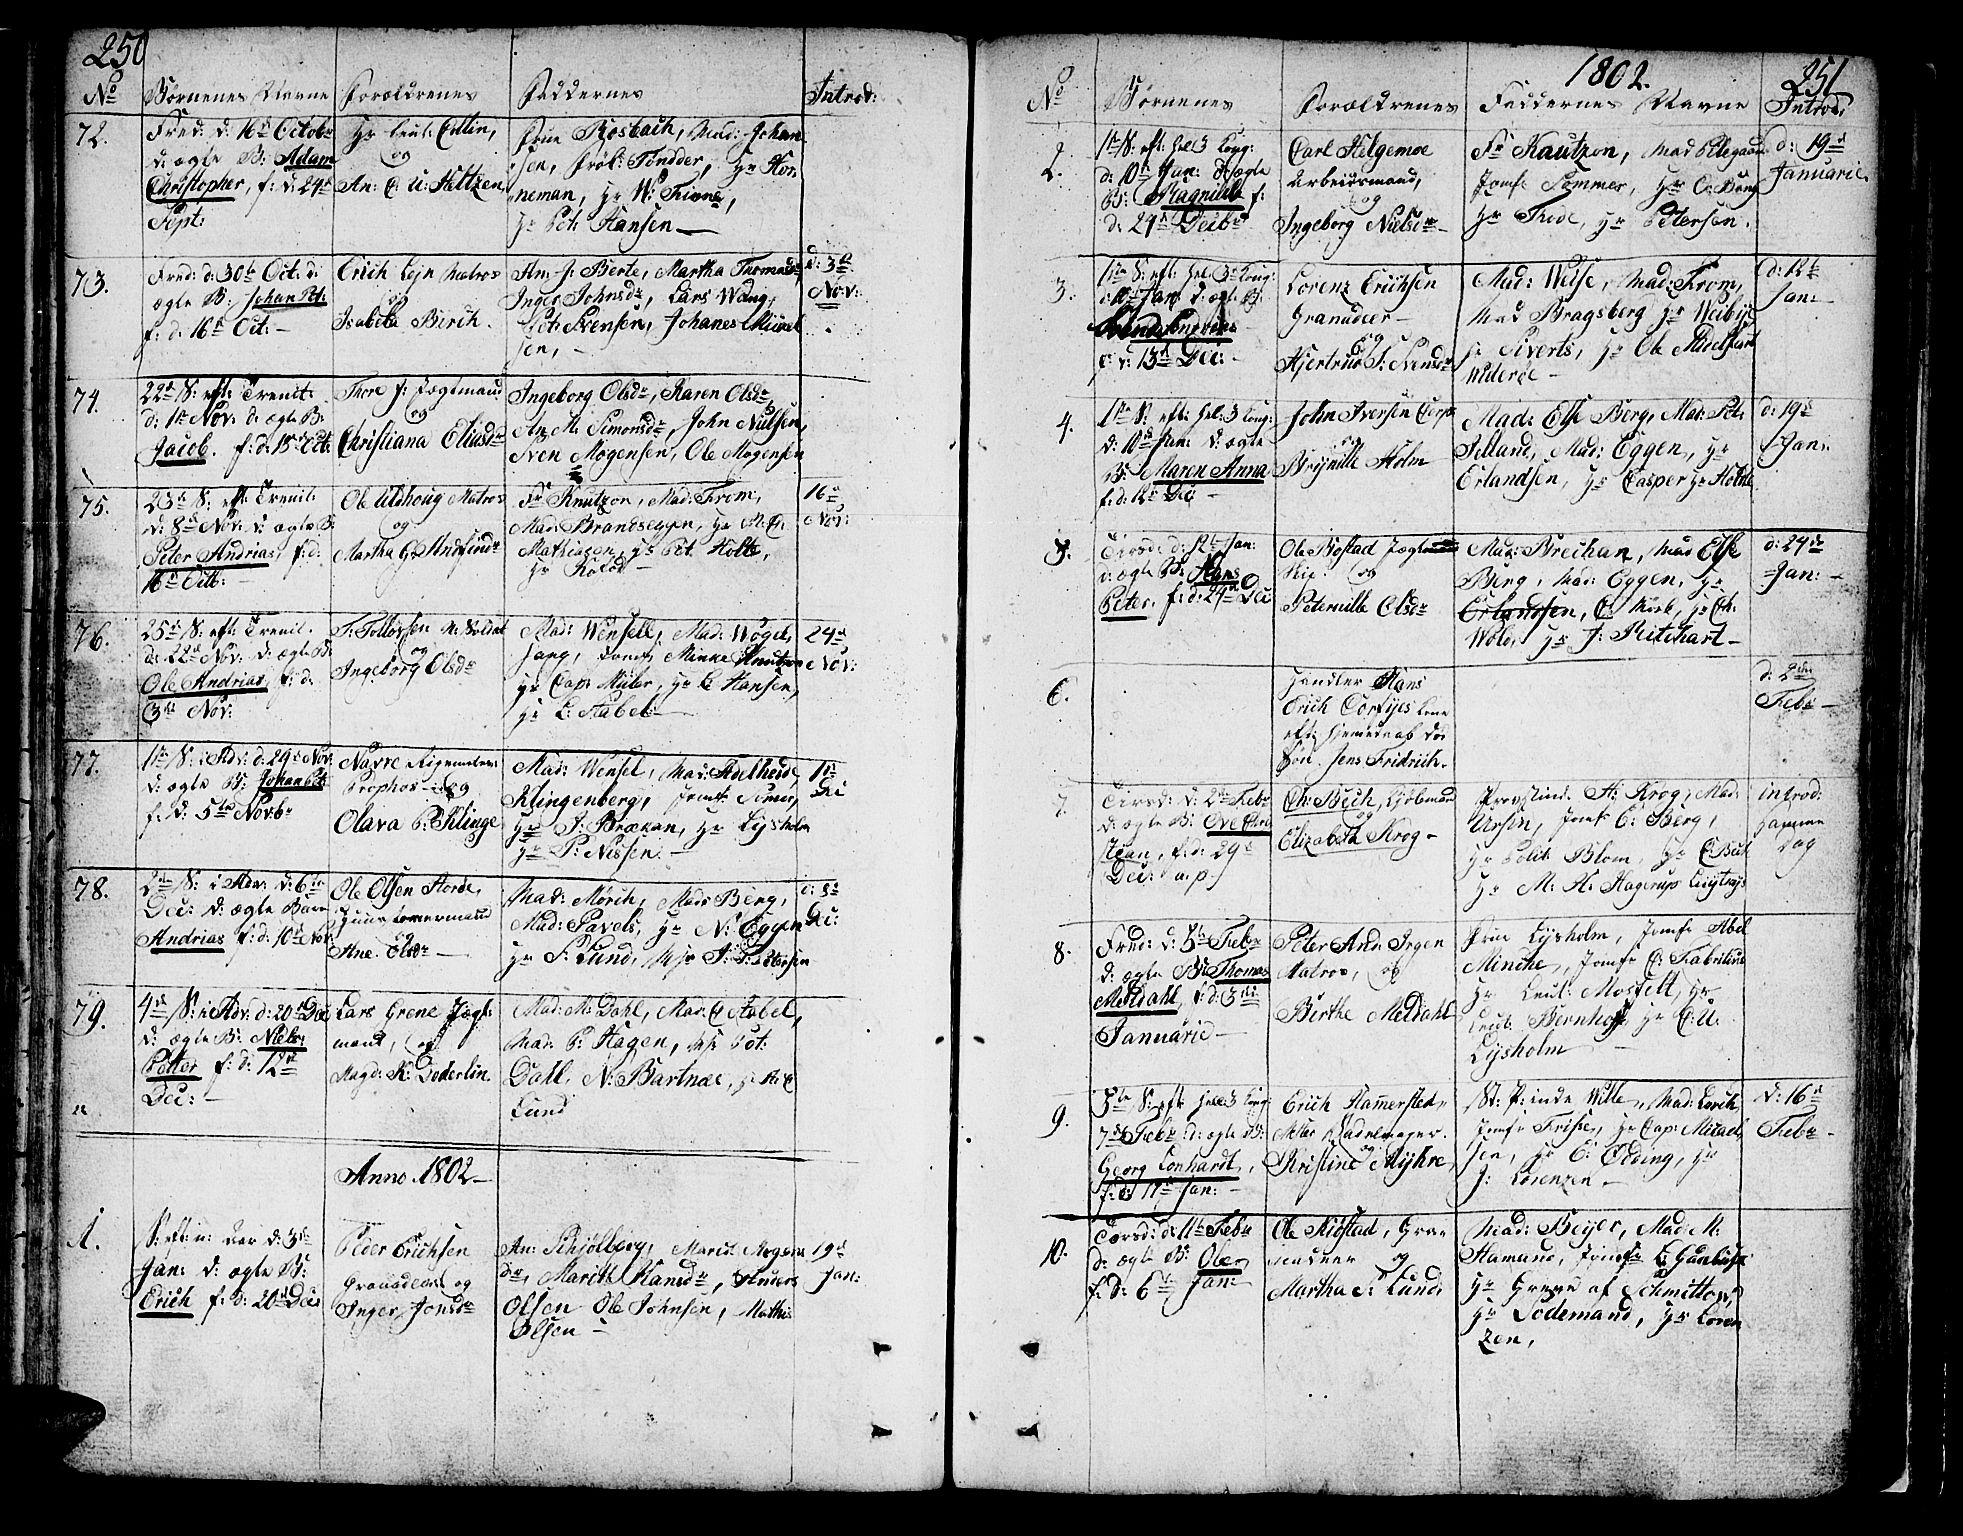 SAT, Ministerialprotokoller, klokkerbøker og fødselsregistre - Sør-Trøndelag, 602/L0104: Ministerialbok nr. 602A02, 1774-1814, s. 250-251